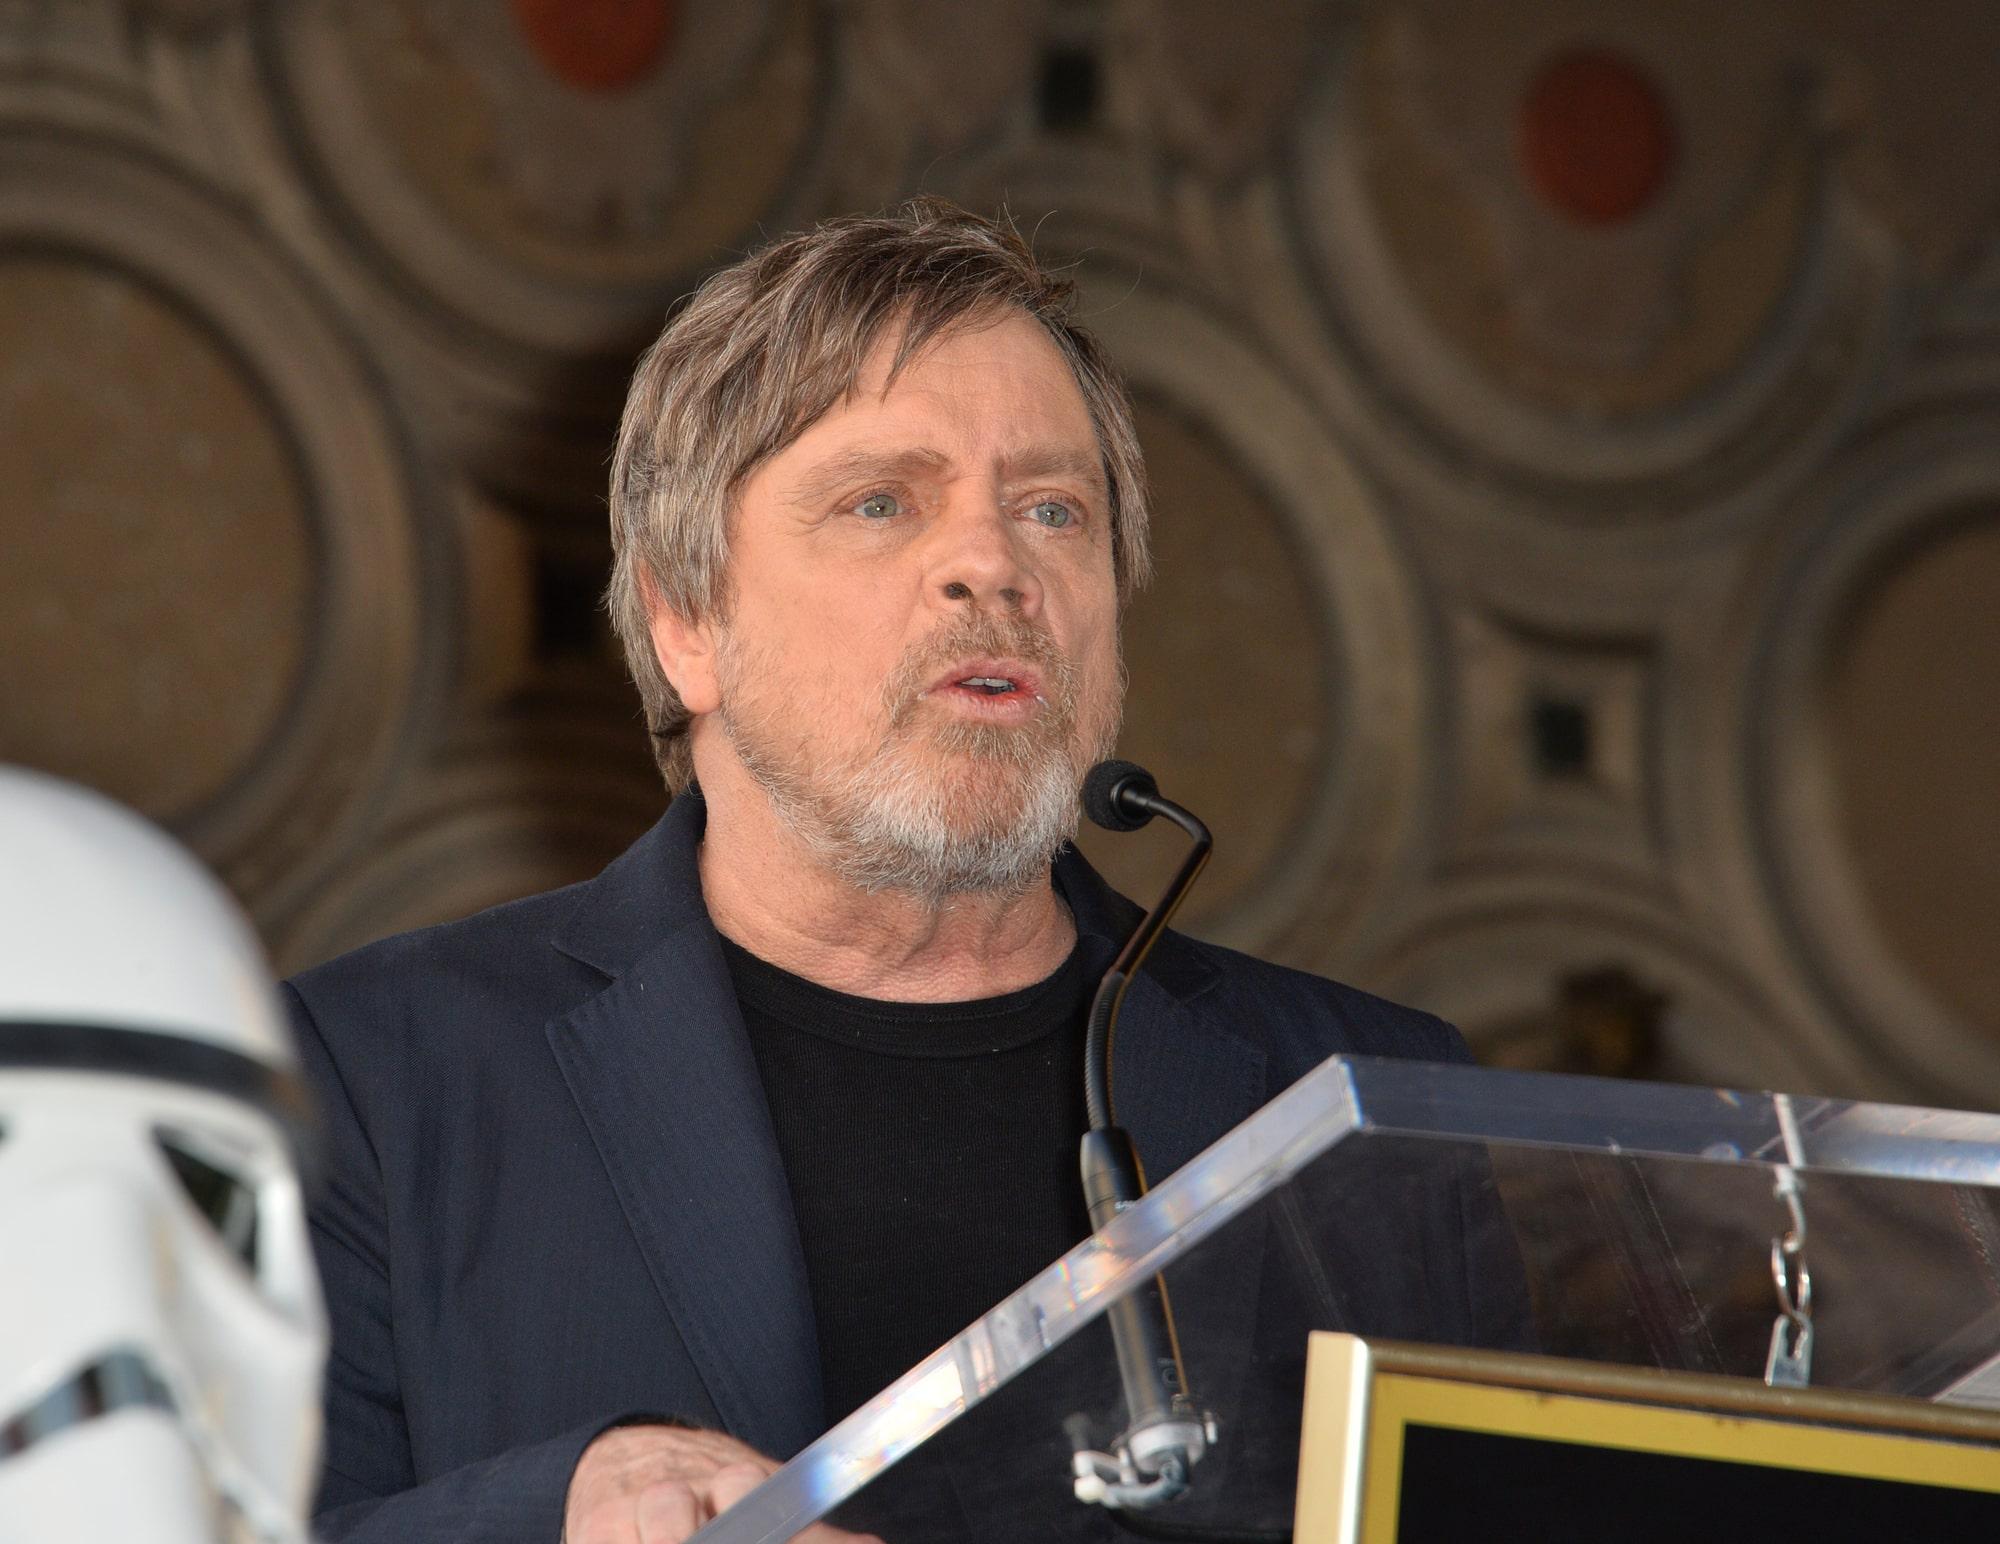 Марк Хэмилл рассказал, в каких условиях приходилось снимать «Звездные войны»